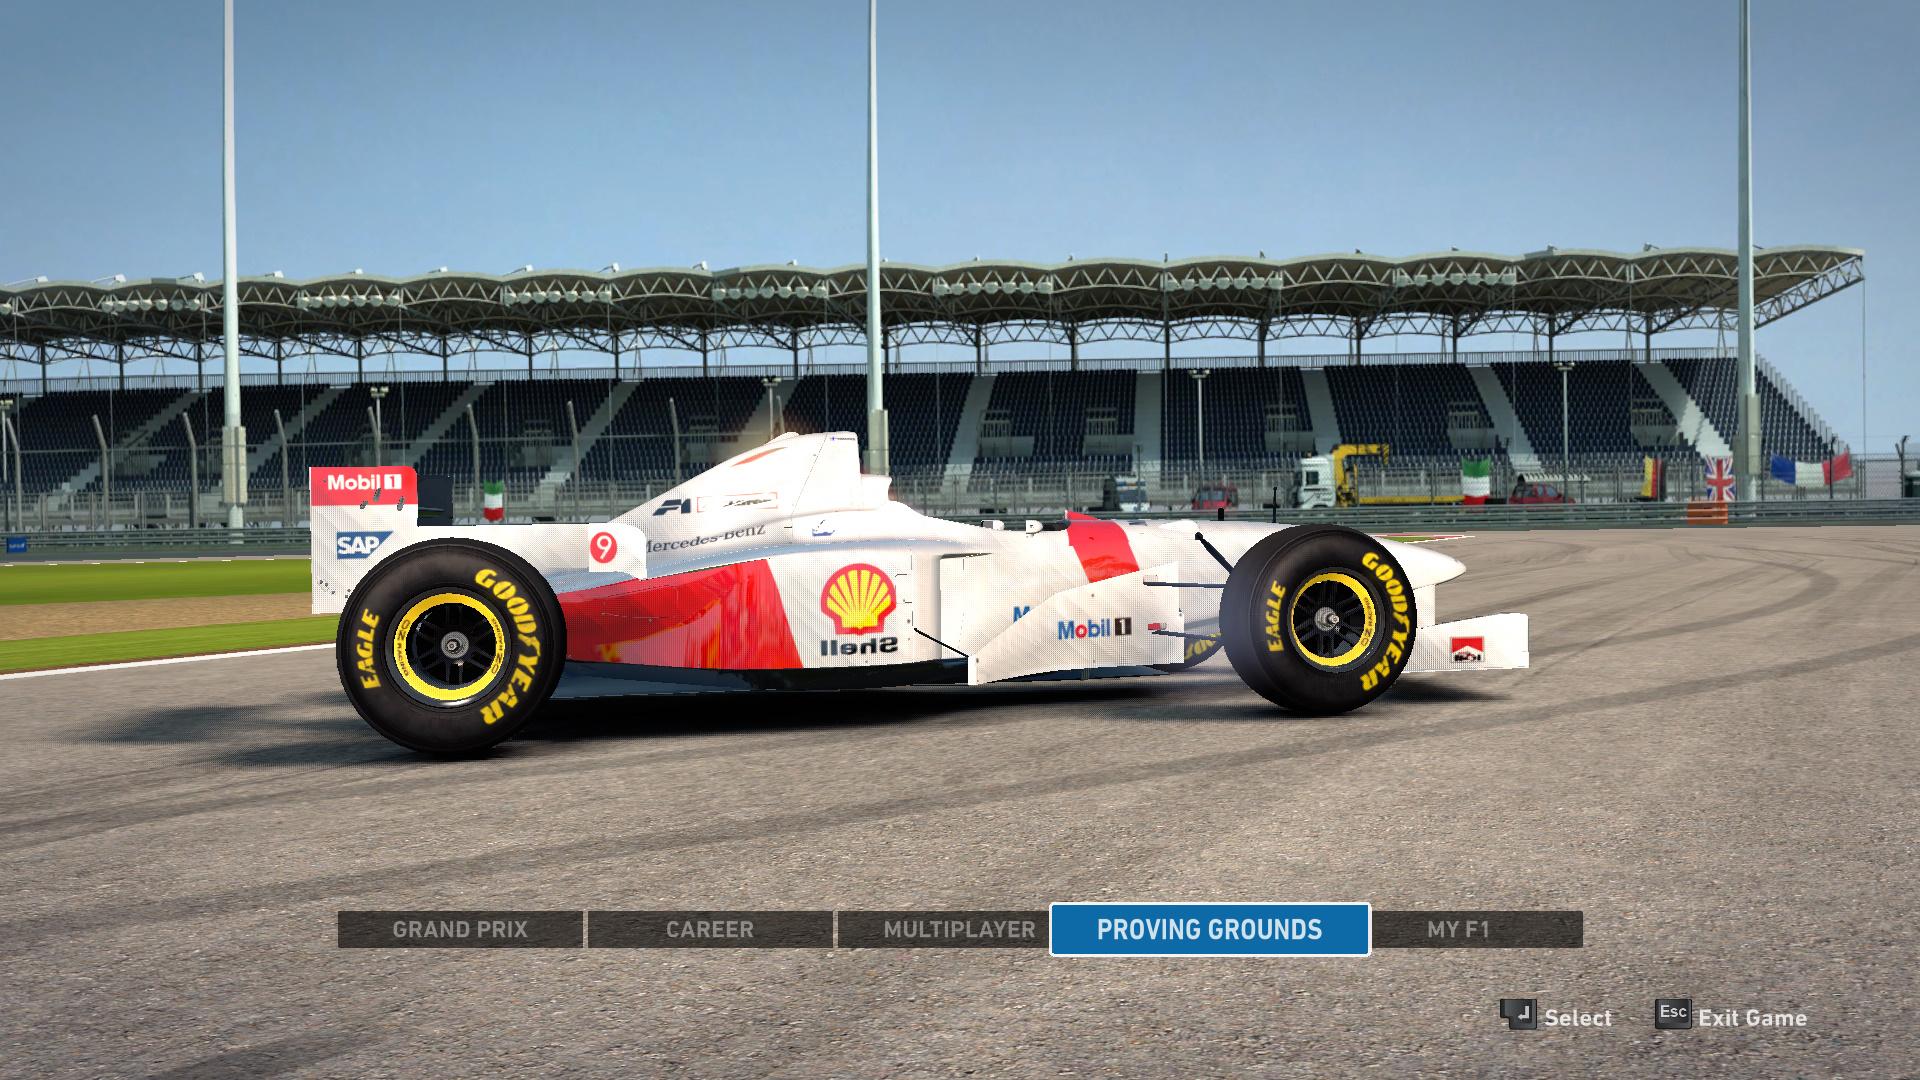 F1_2014 2015-10-18 19-40-51-062.jpg